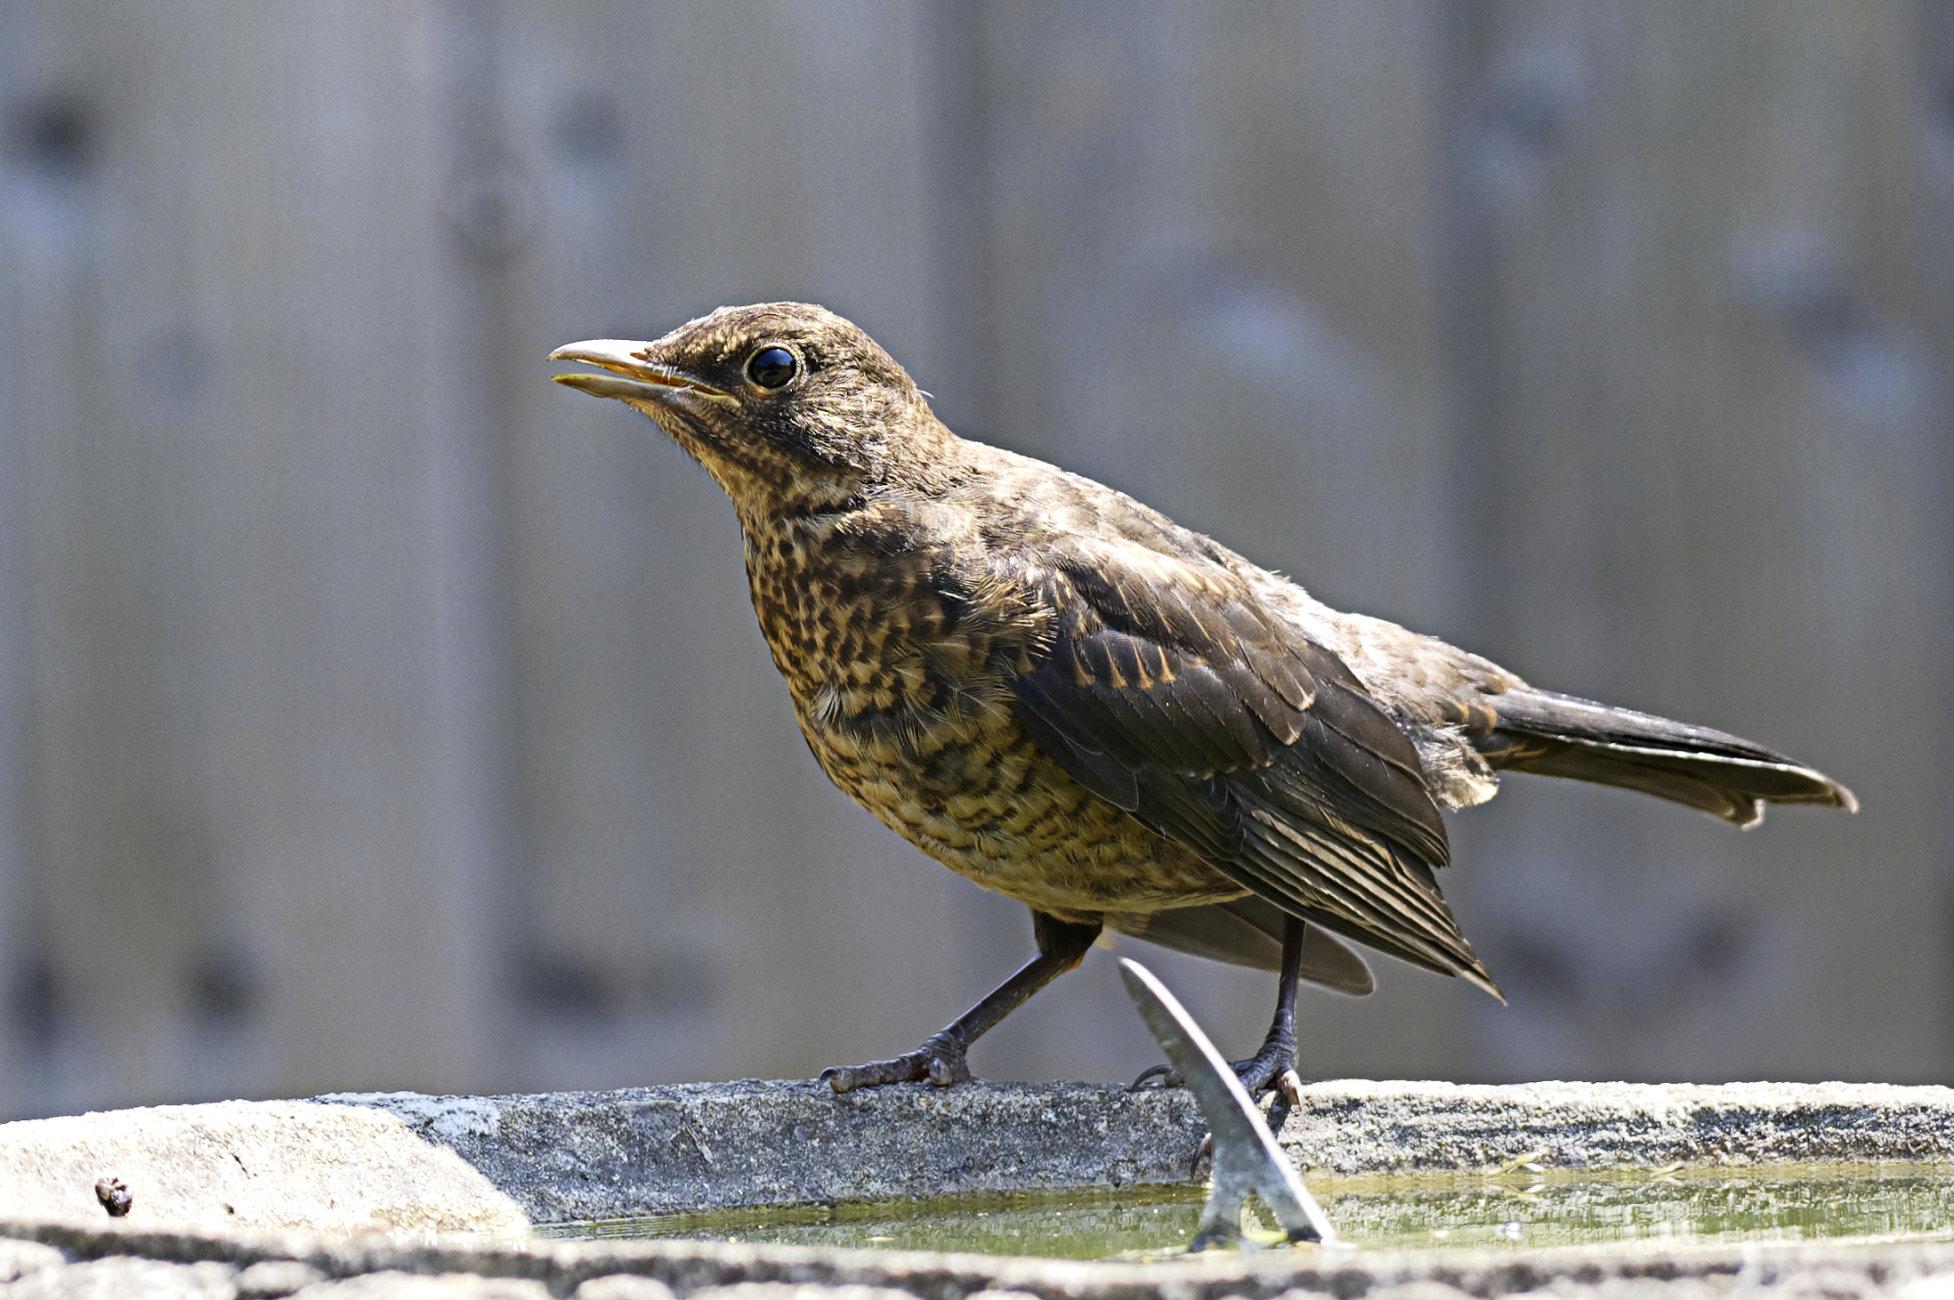 Young Blackbird on our birdbath.